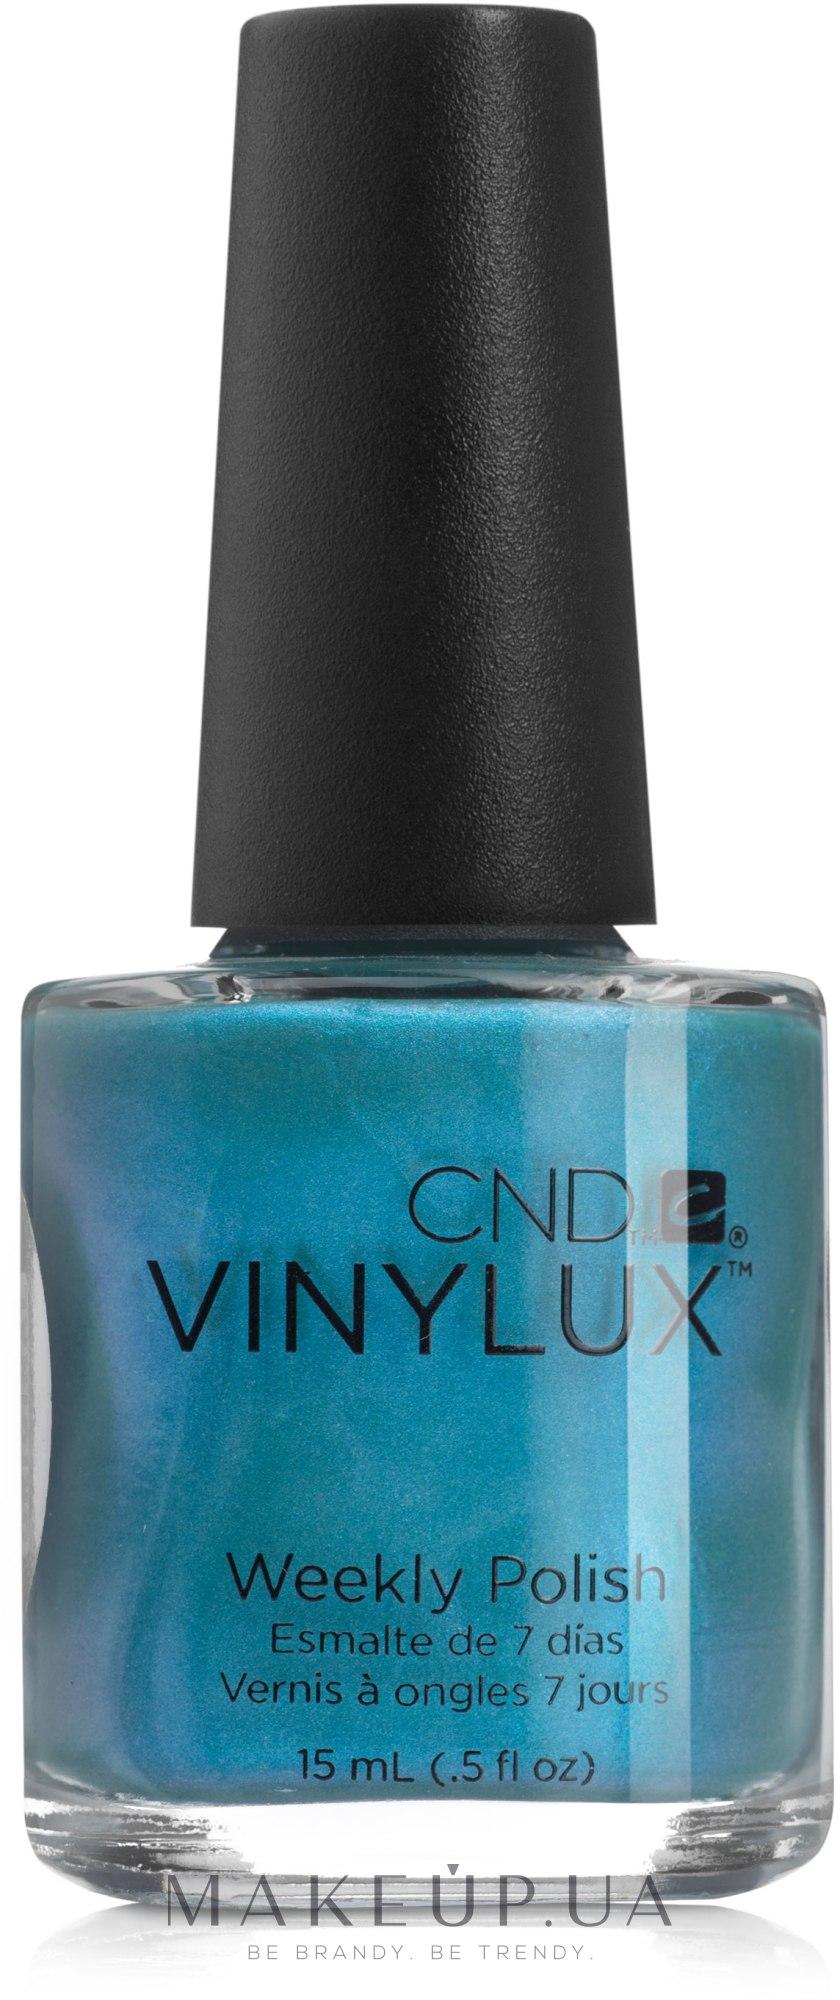 Лак для ногтей Cnd Vinylux Weekly Polish купить по